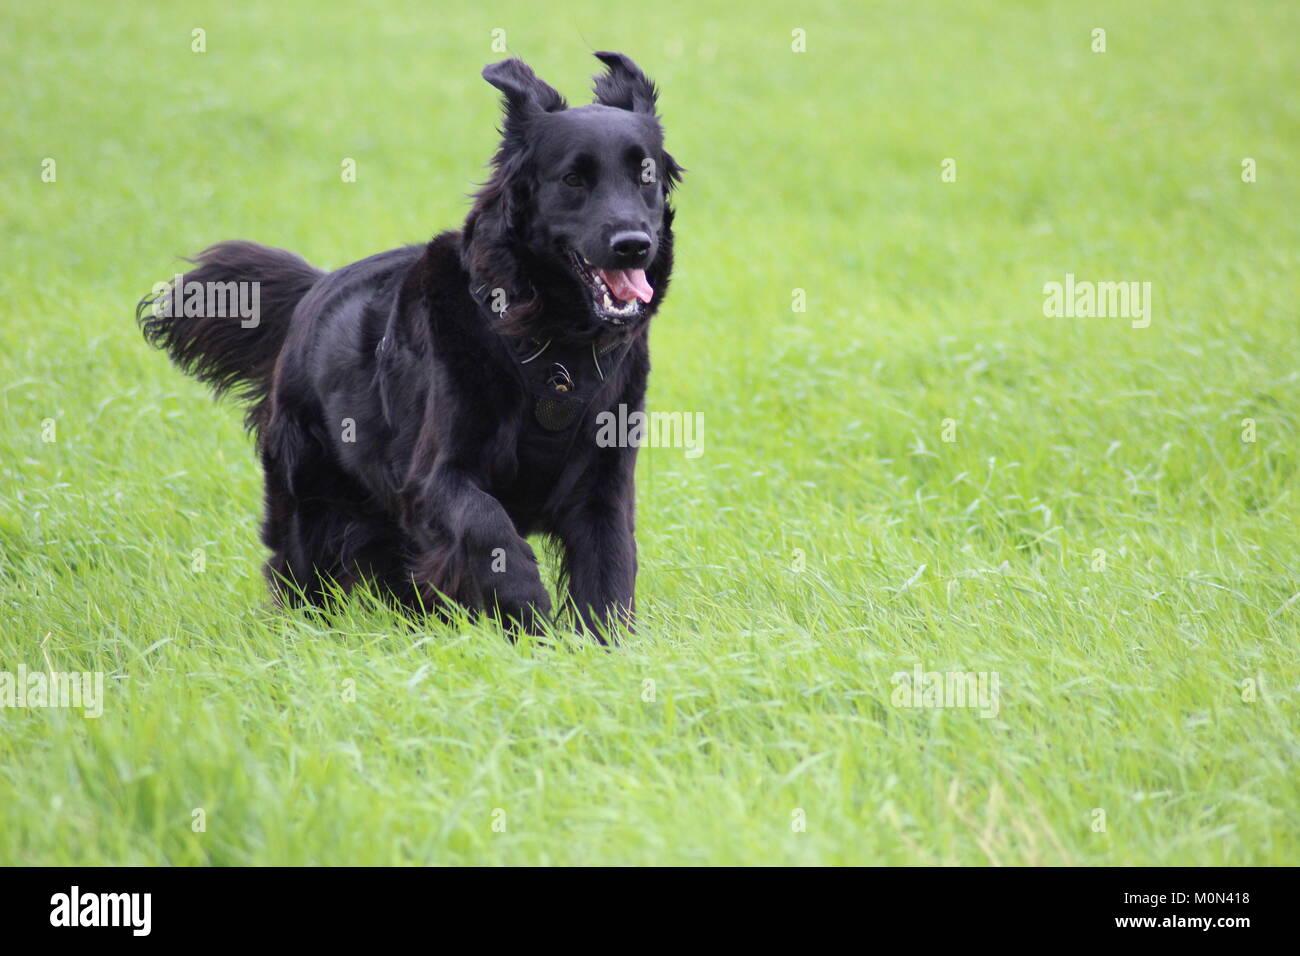 Black Hairy Tongue Stock Photos & Black Hairy Tongue Stock ...